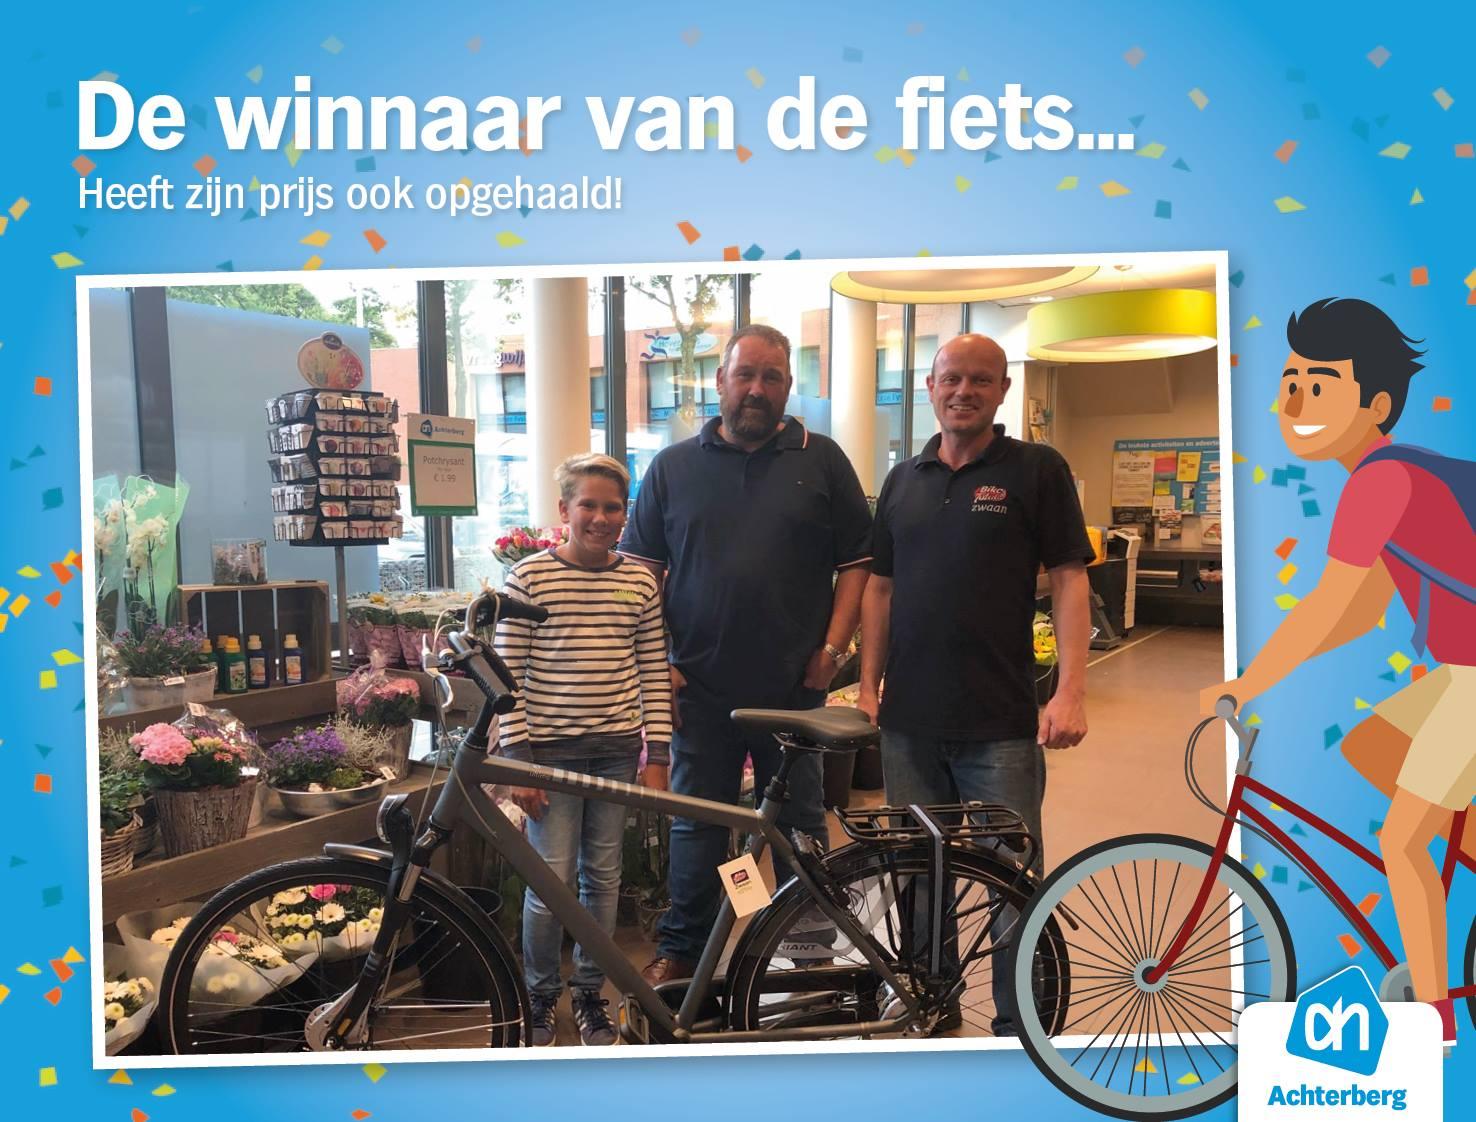 De winnaar van de fiets!